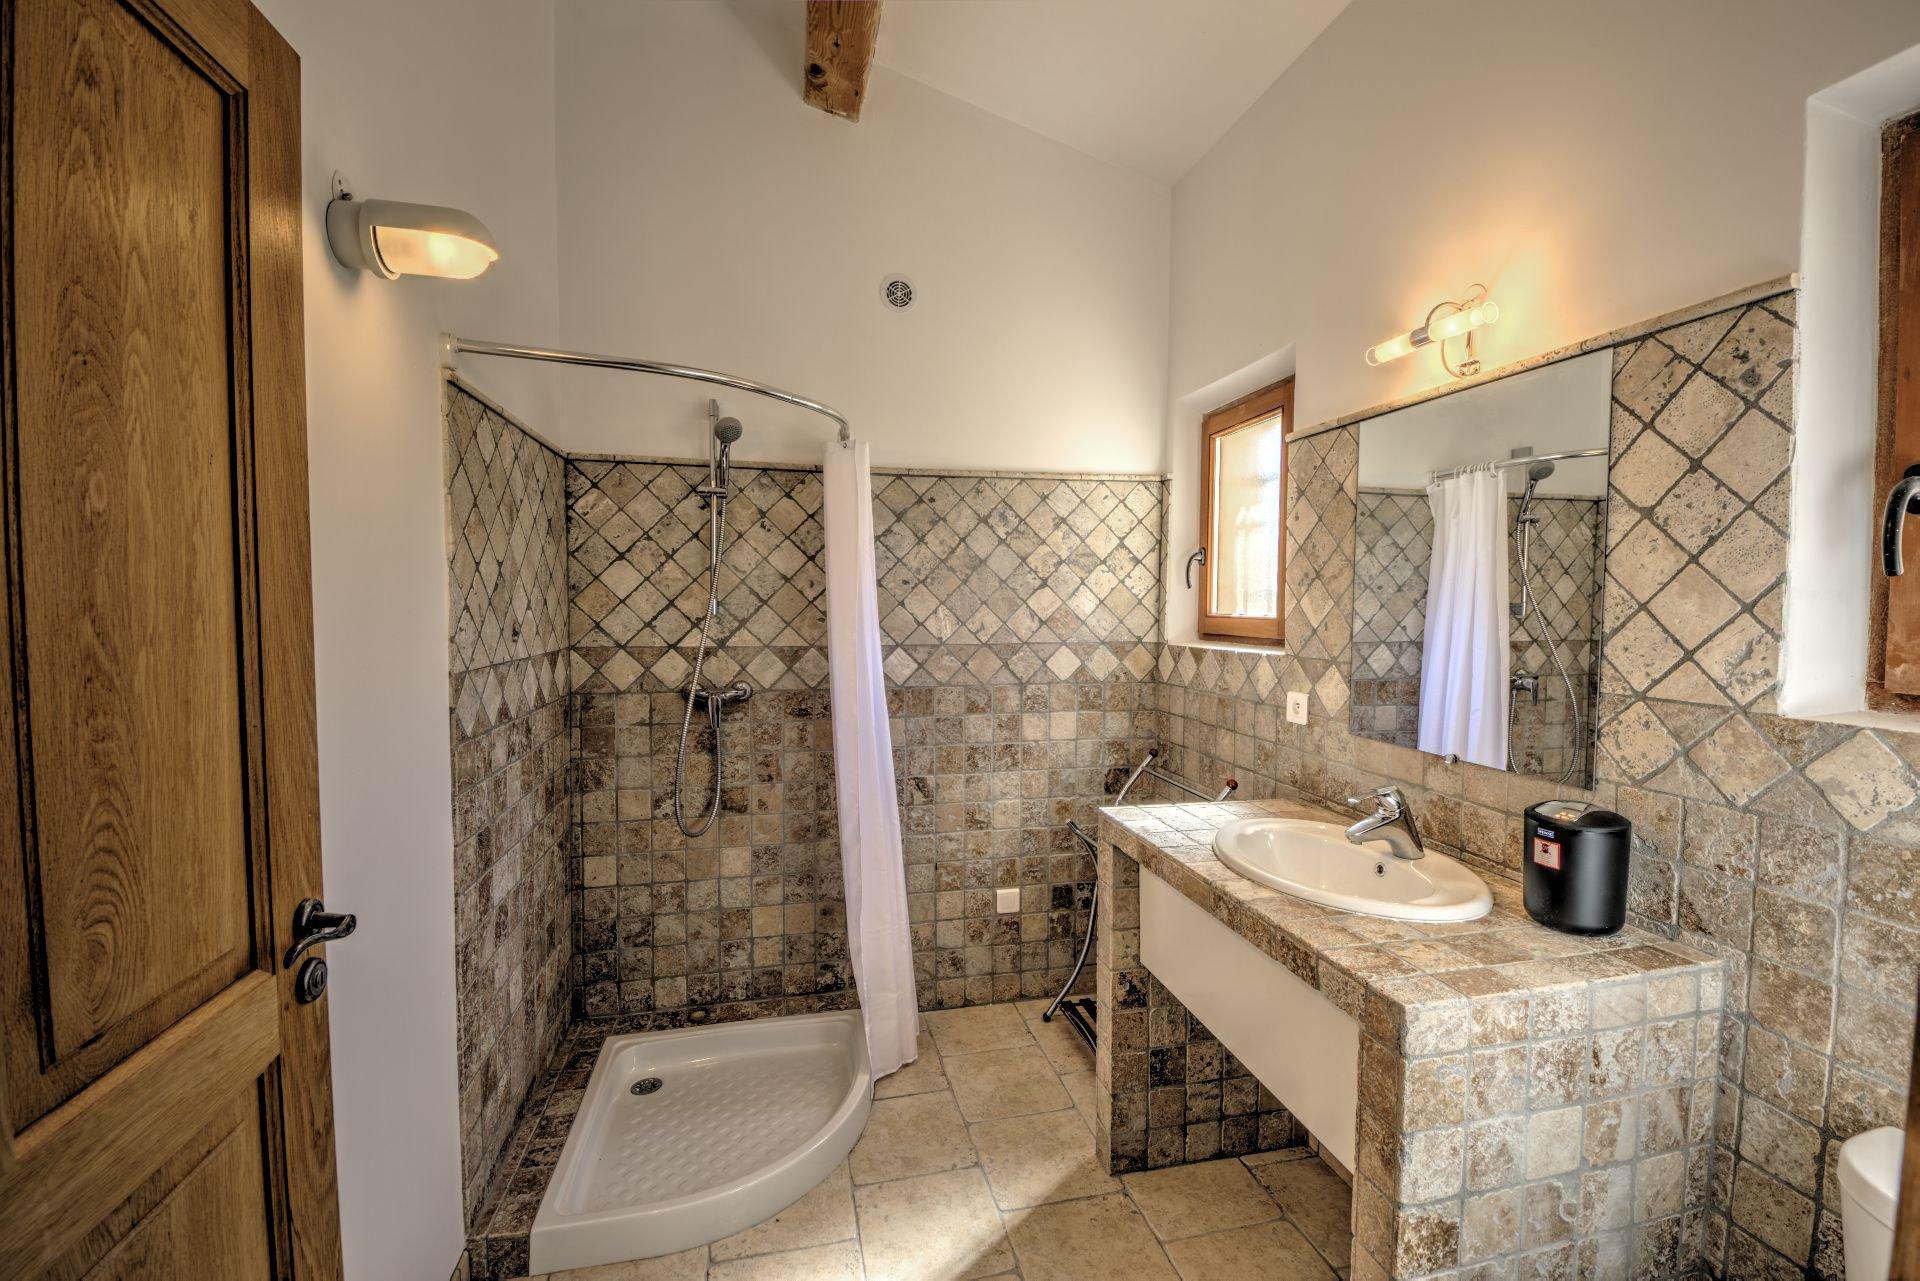 Salle de douche Maison hautes performances énergétique baudinard, verdon, var, provence